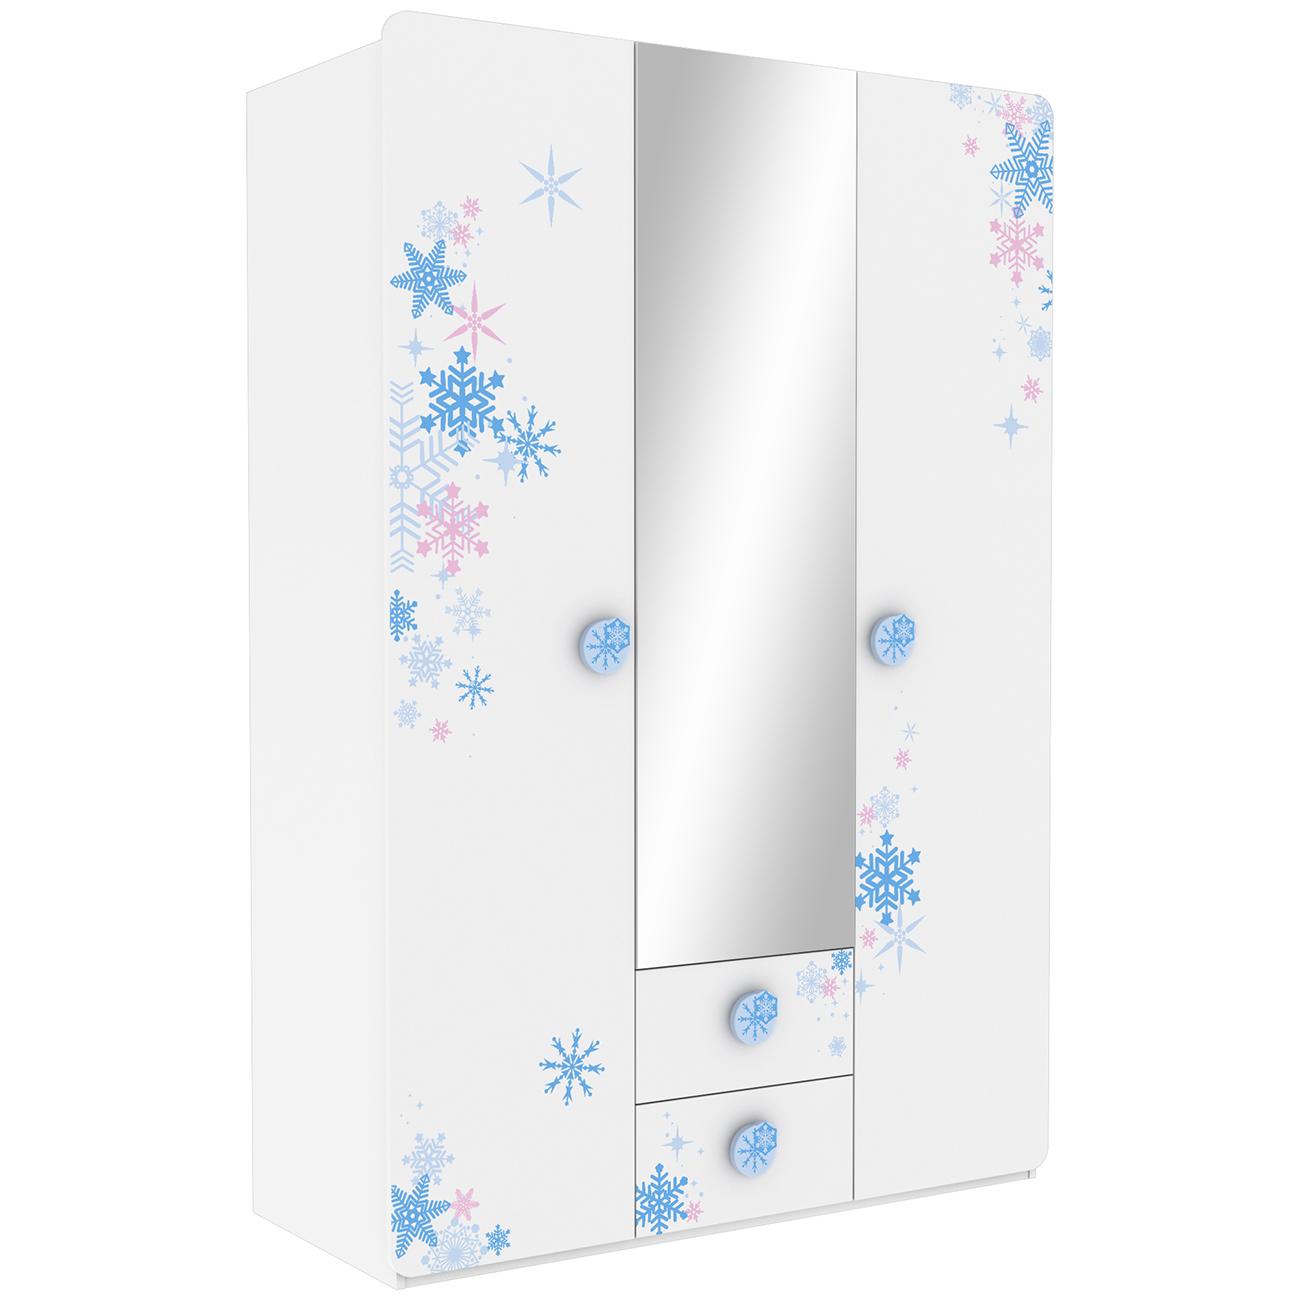 Kleiderschrank Eiskönigin Sterne Snow Weiß / Blau 3 Türen B 133 cm